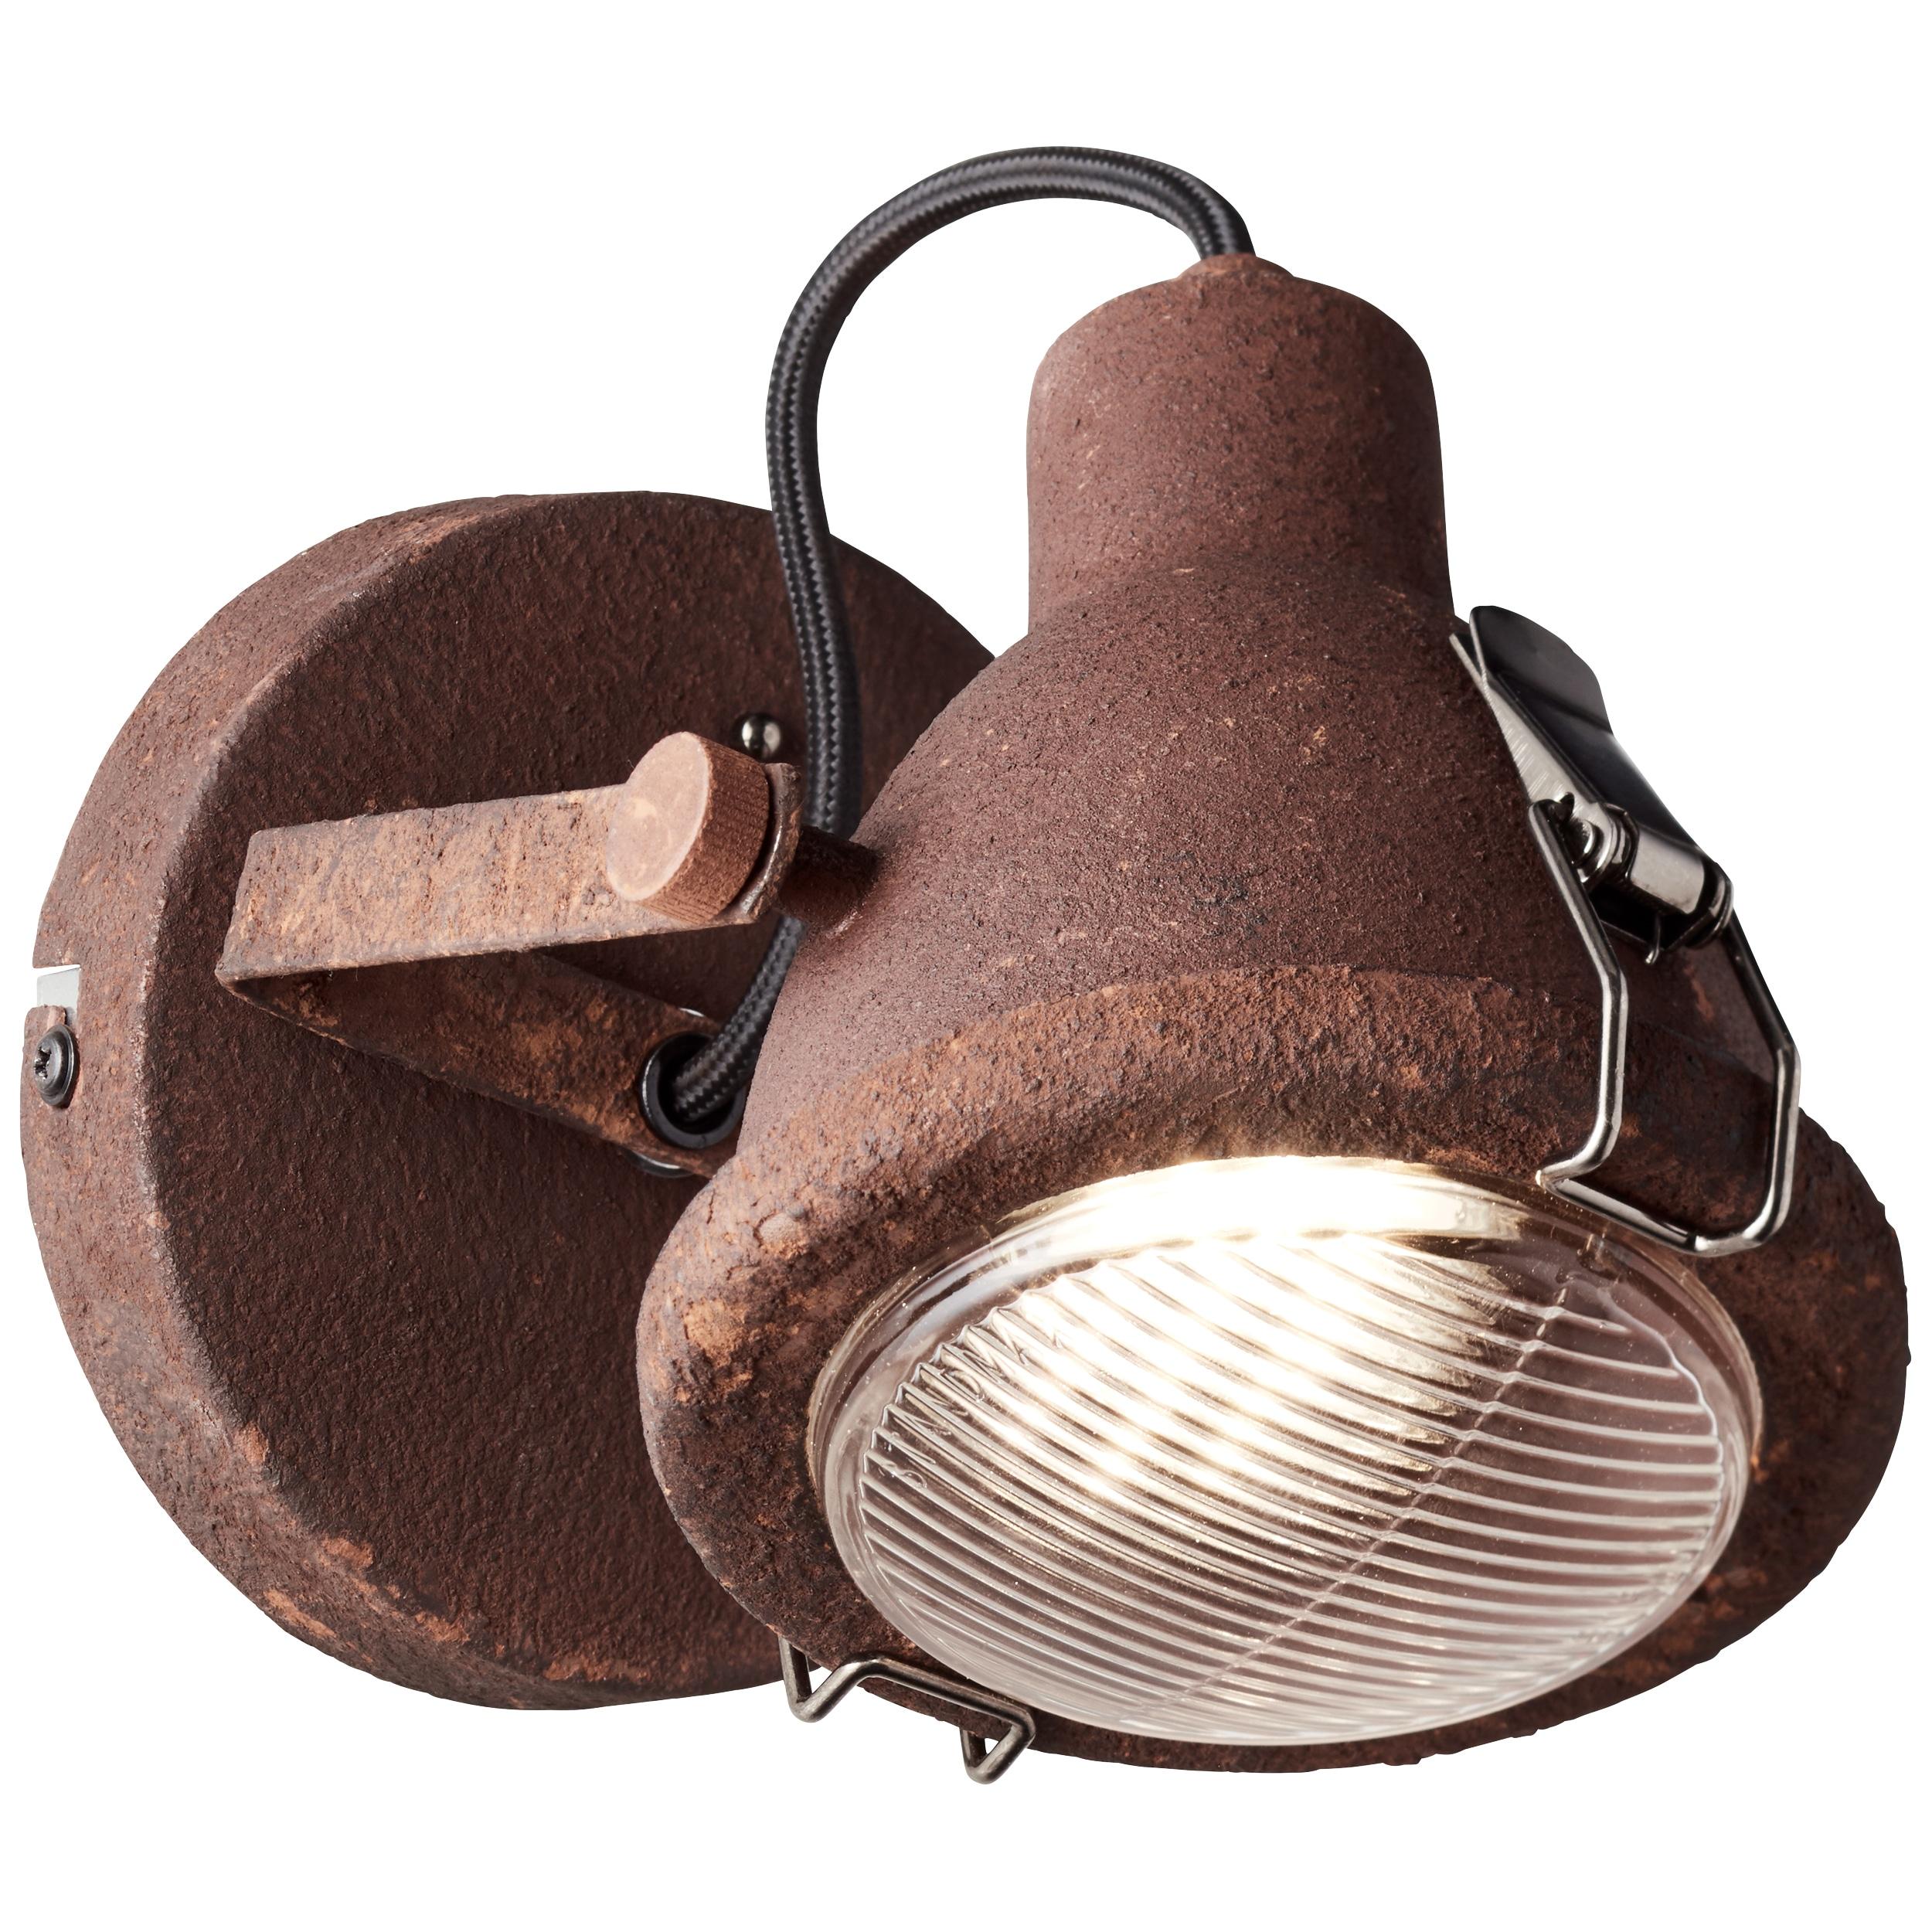 Brilliant Leuchten LED Wandleuchte, GU10, Bentli Wandspot rostfarbend